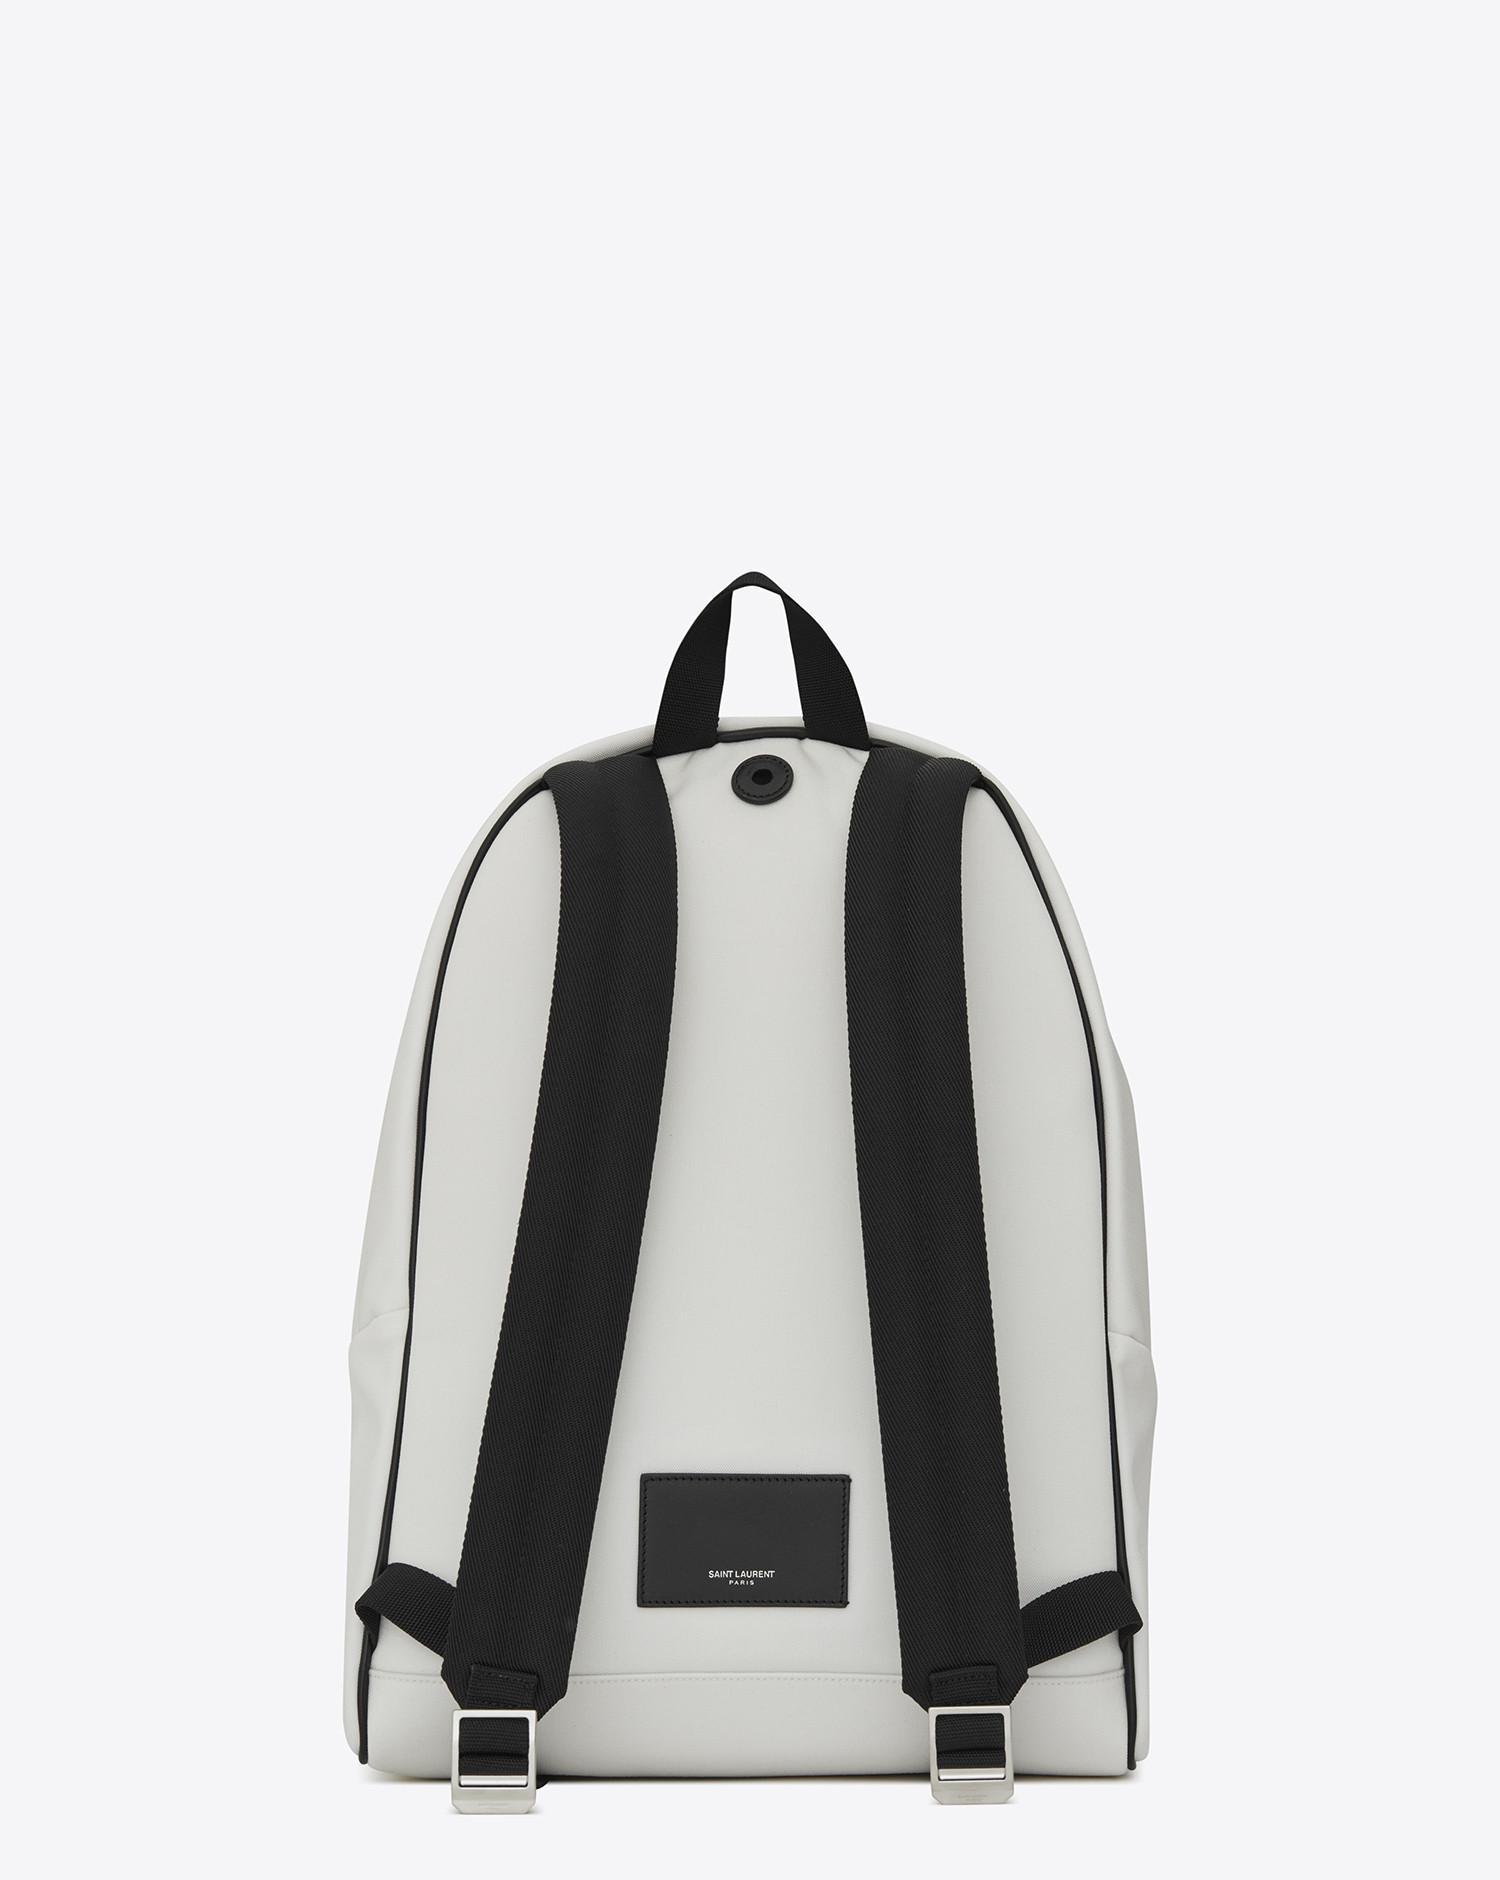 Lyst - Saint Laurent City Print Backpack In White in White for Men 012f4d5602533